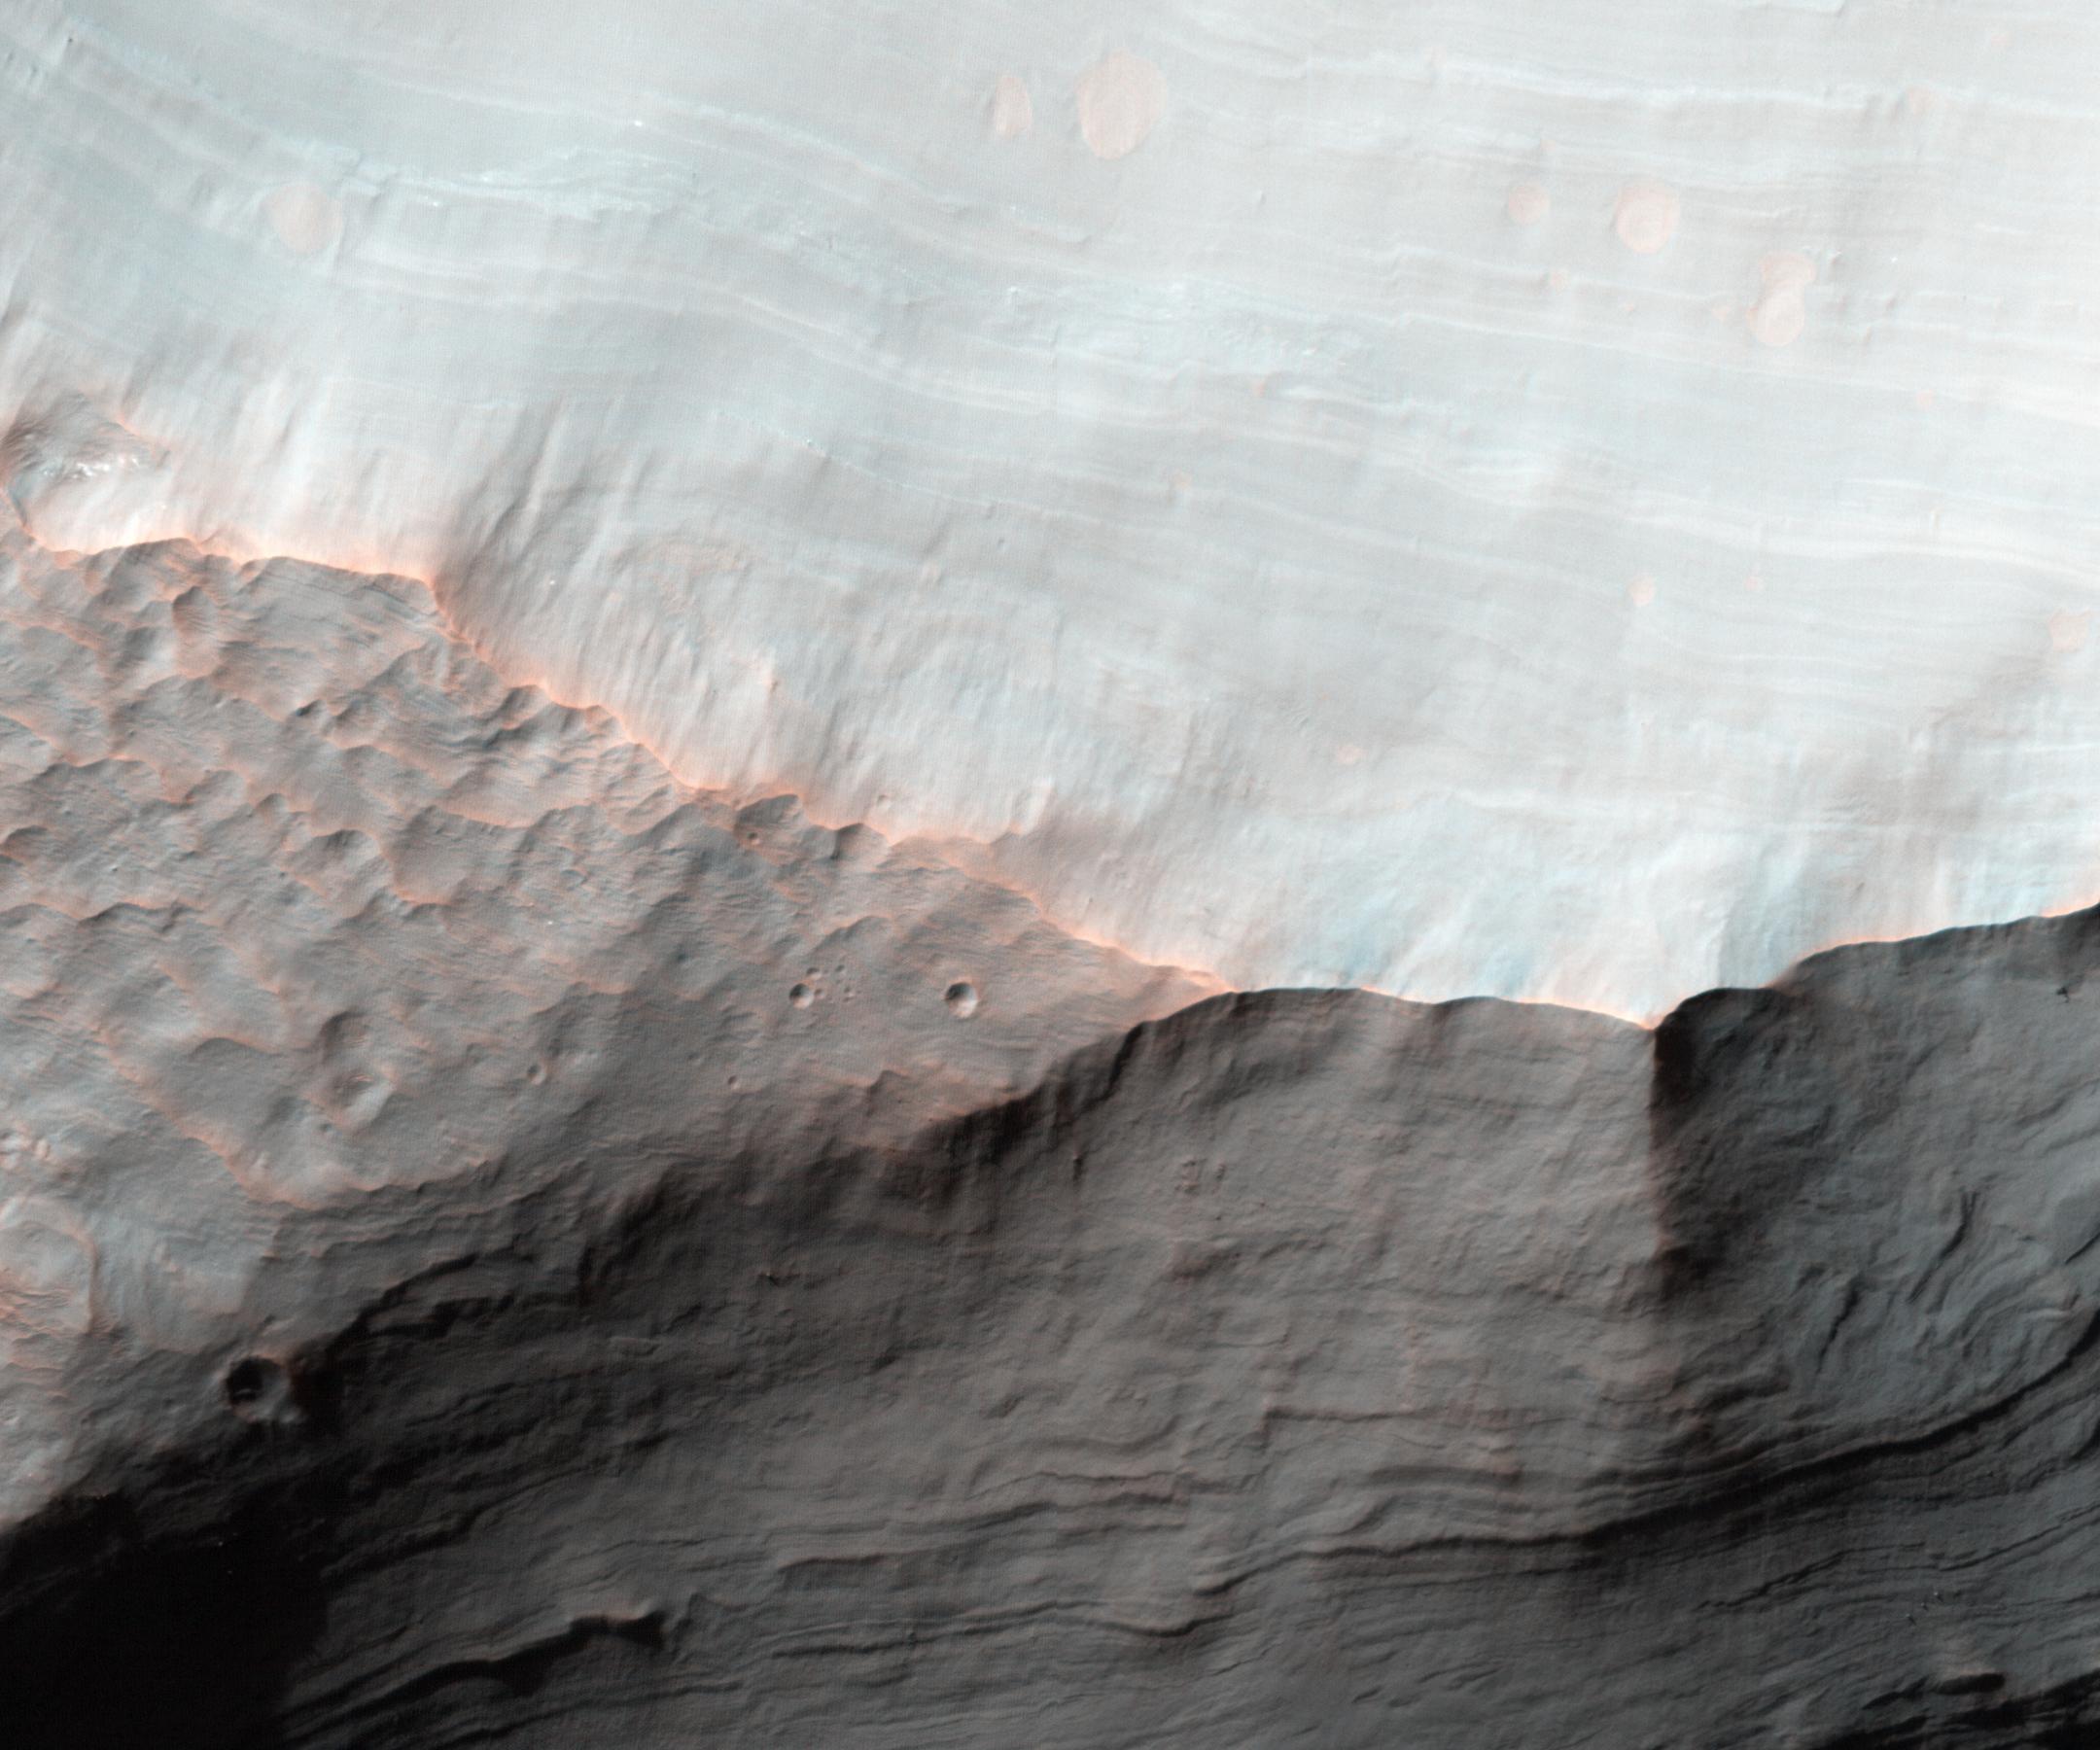 NASA 2050